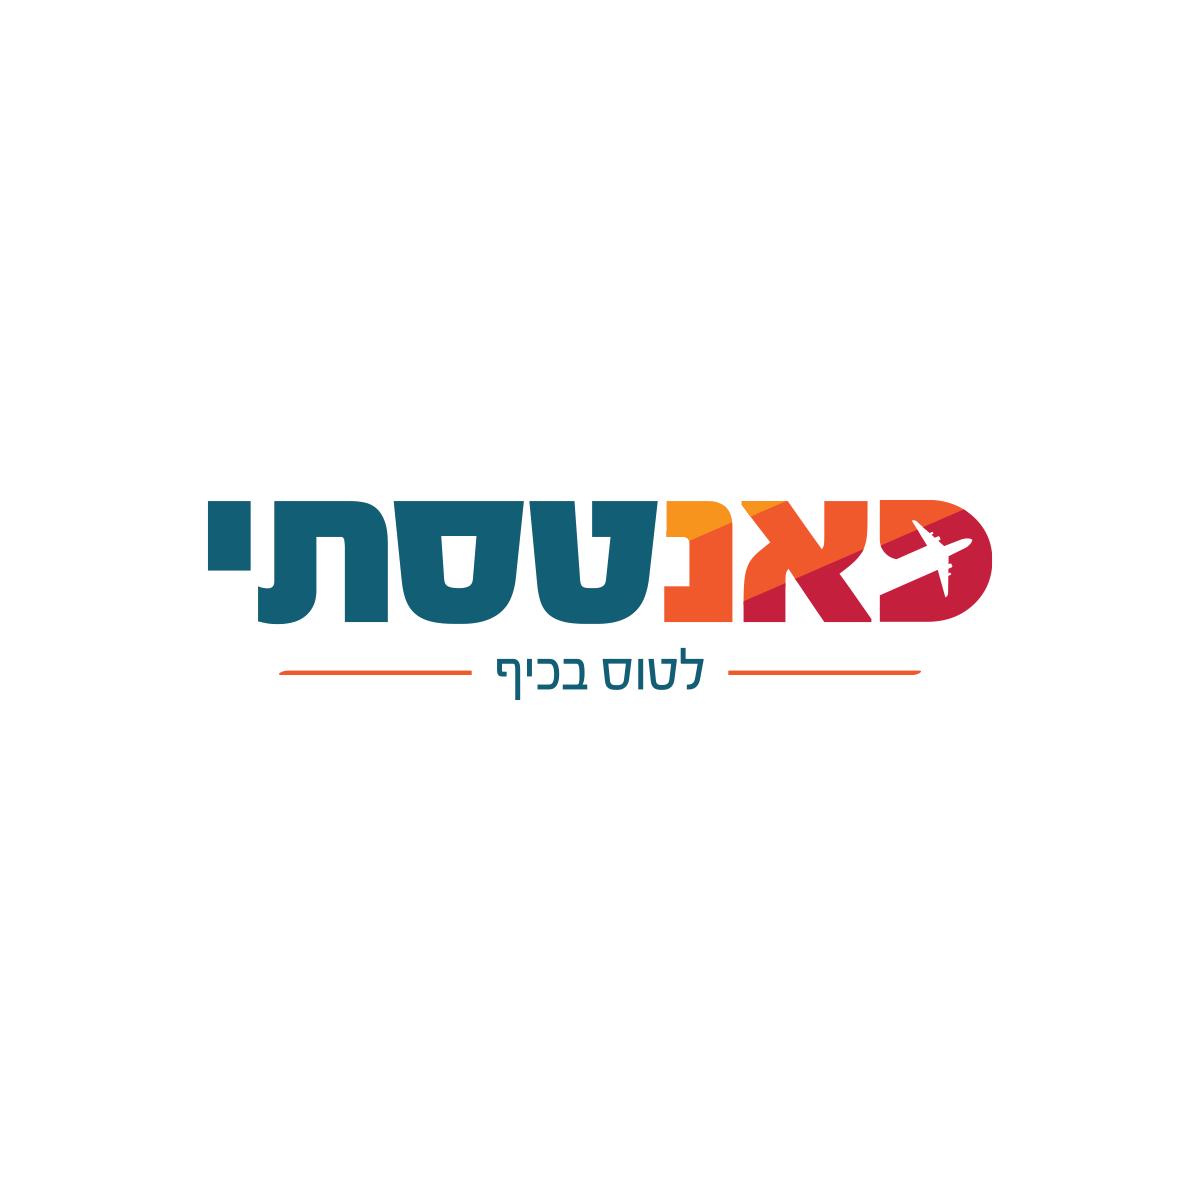 לוגו לחברת טיירות פאנטסתי מבית אמסלם